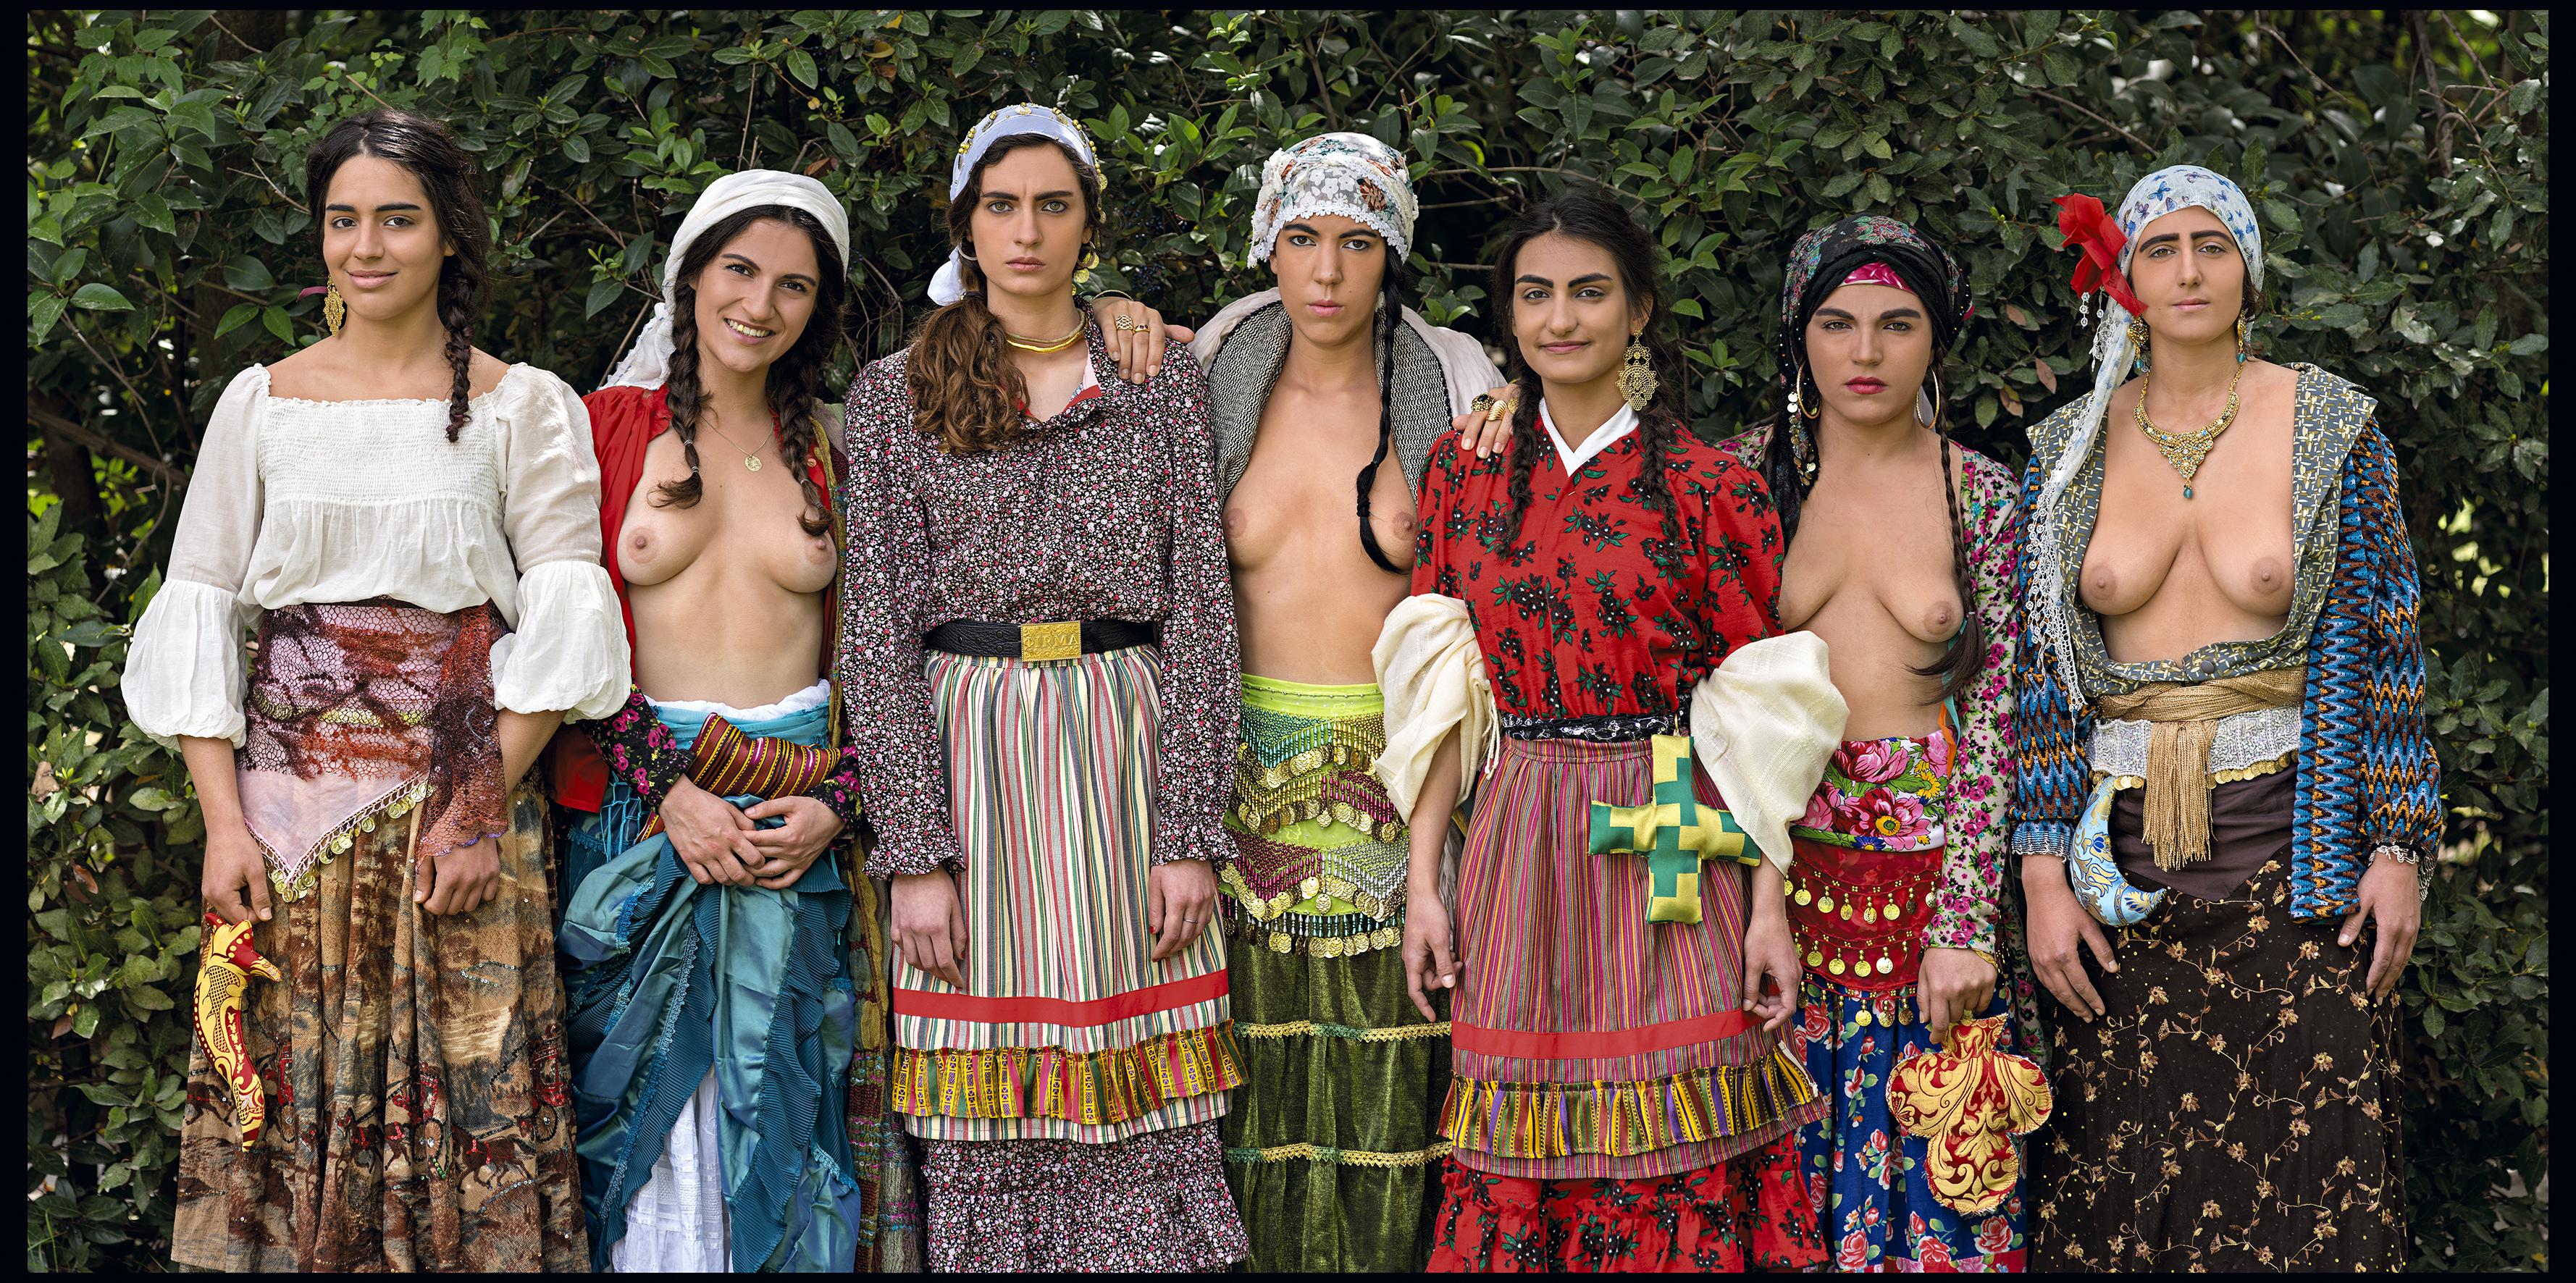 Μαρία Παπαδημητρίου, ΦIRMA Gypsy Globales 2, 2014 Duratrans φωτεινό κουτί 133,5 x 257,5 x 12 εκ.